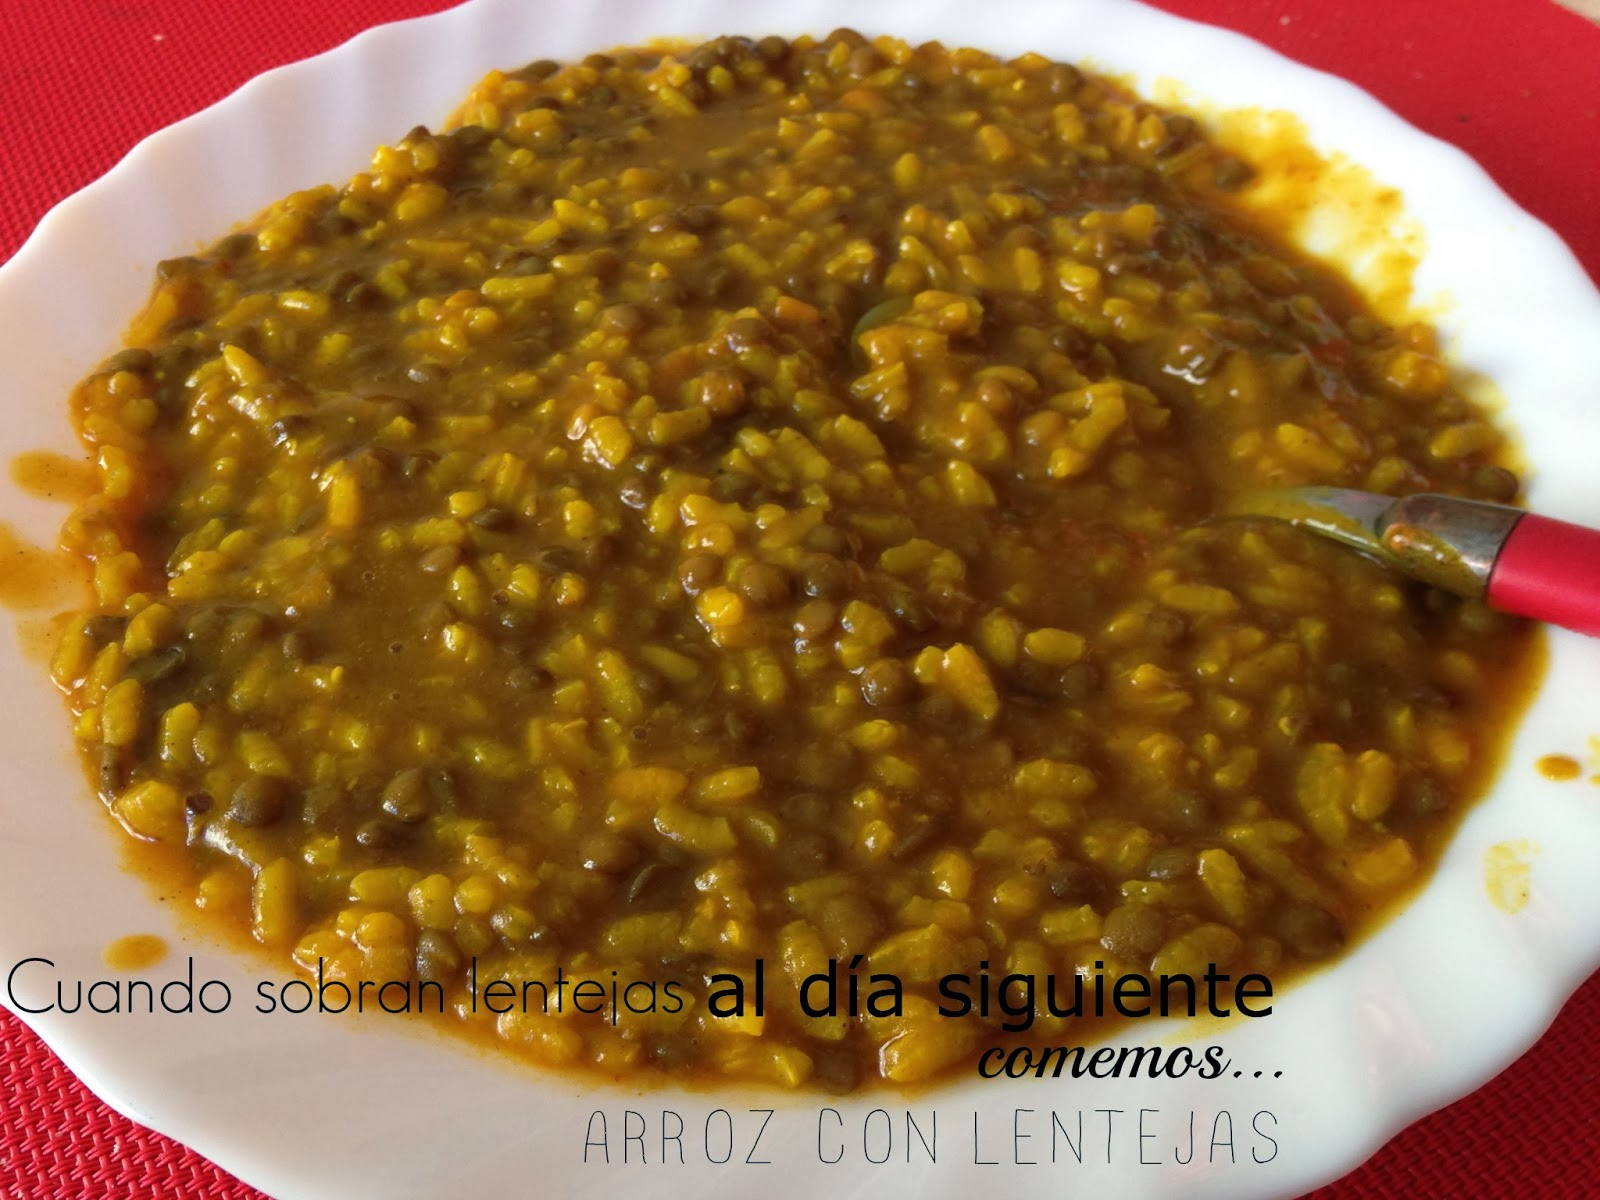 El blog de lorenna febrero 2014 - Lentejas con costillas y patatas ...